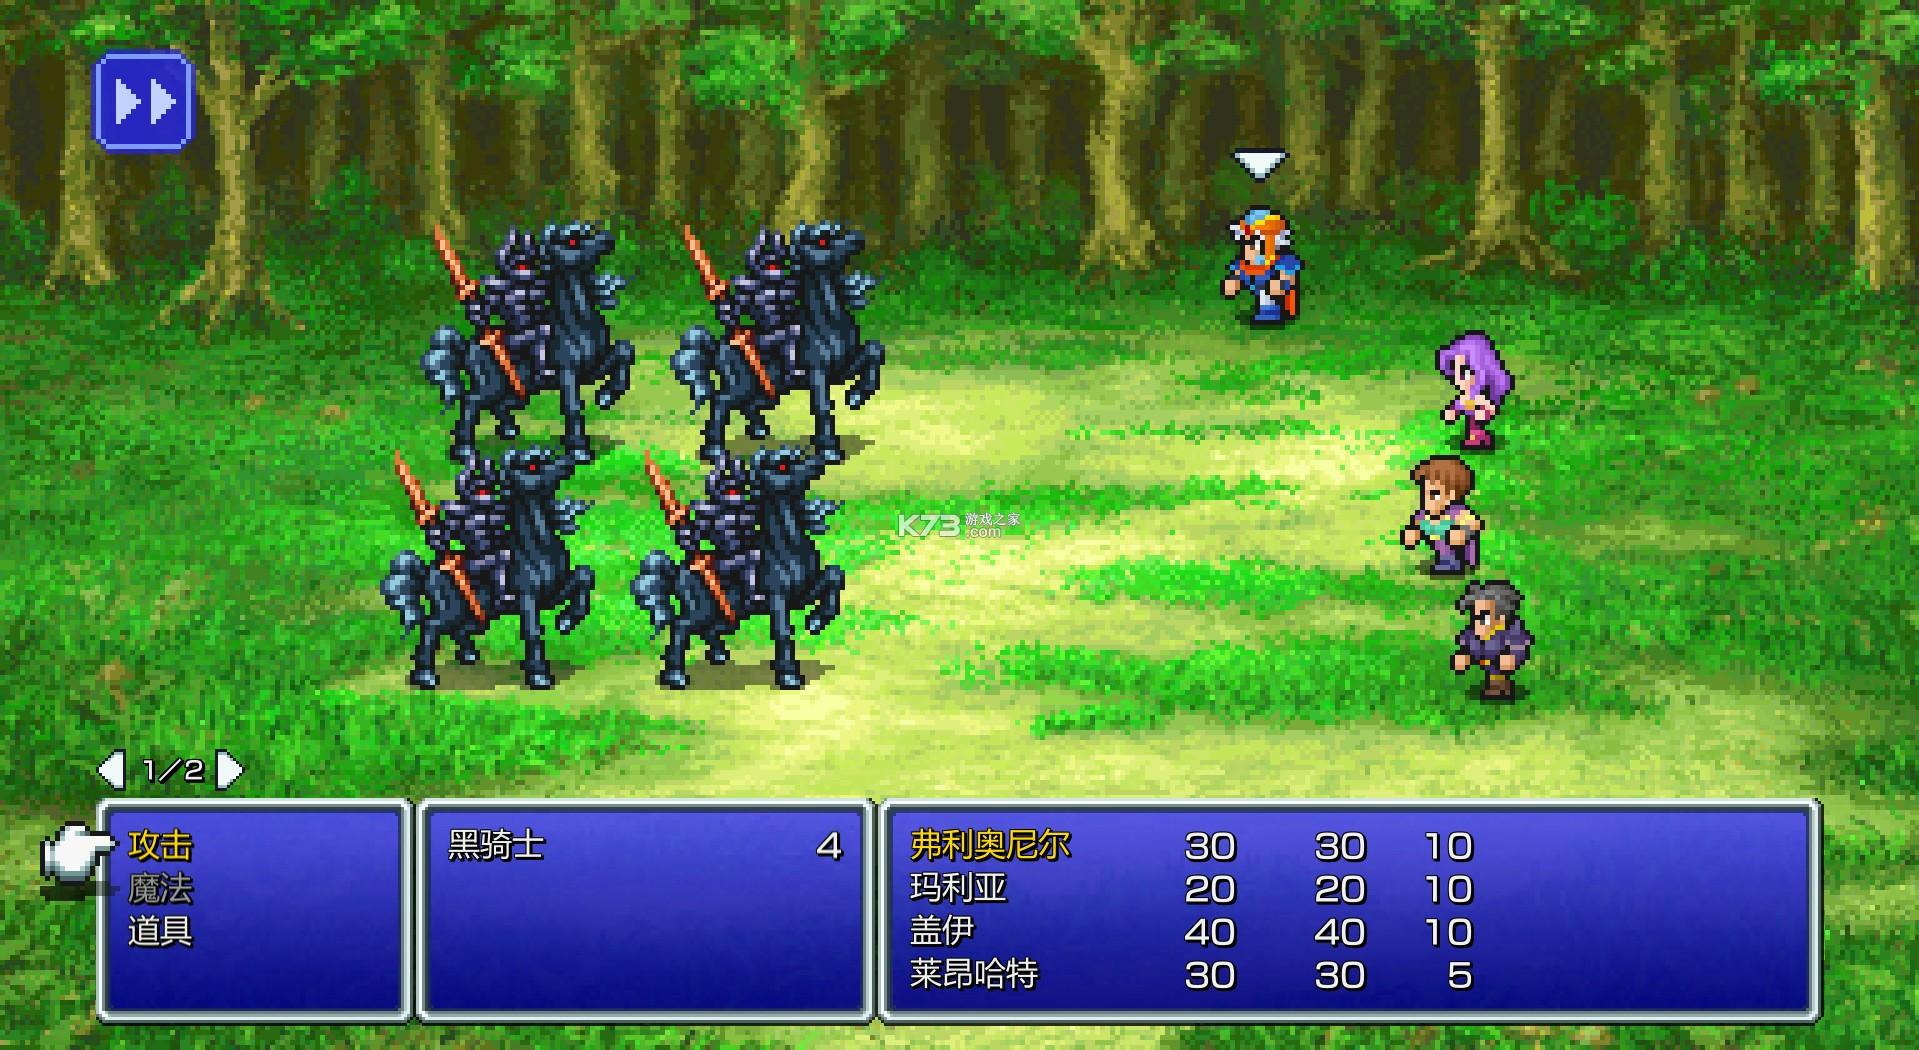 最终幻想2像素复刻版 v1.0.2 电脑版破解版 截图